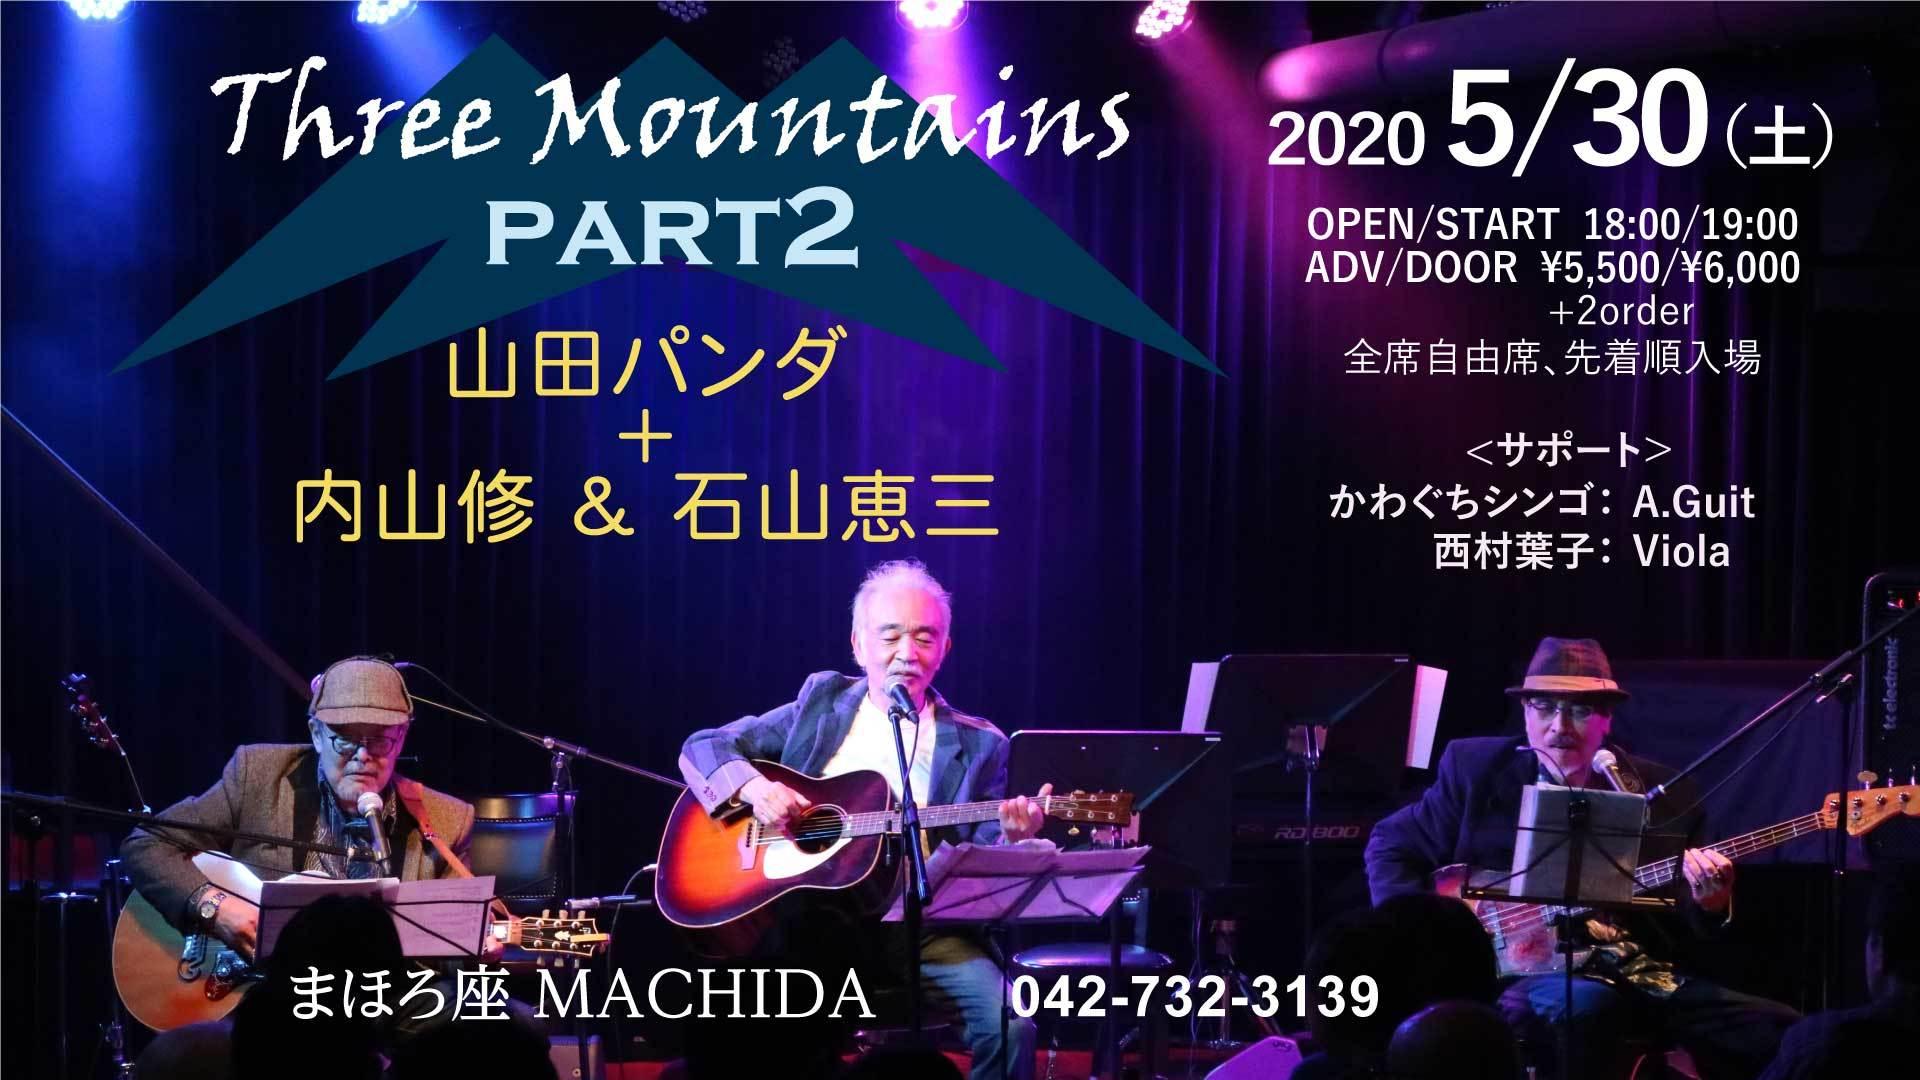 ♪好評につき、「Three Mountains PART2」 5月30日(土)ライブ決定♪_b0096957_06205232.jpg